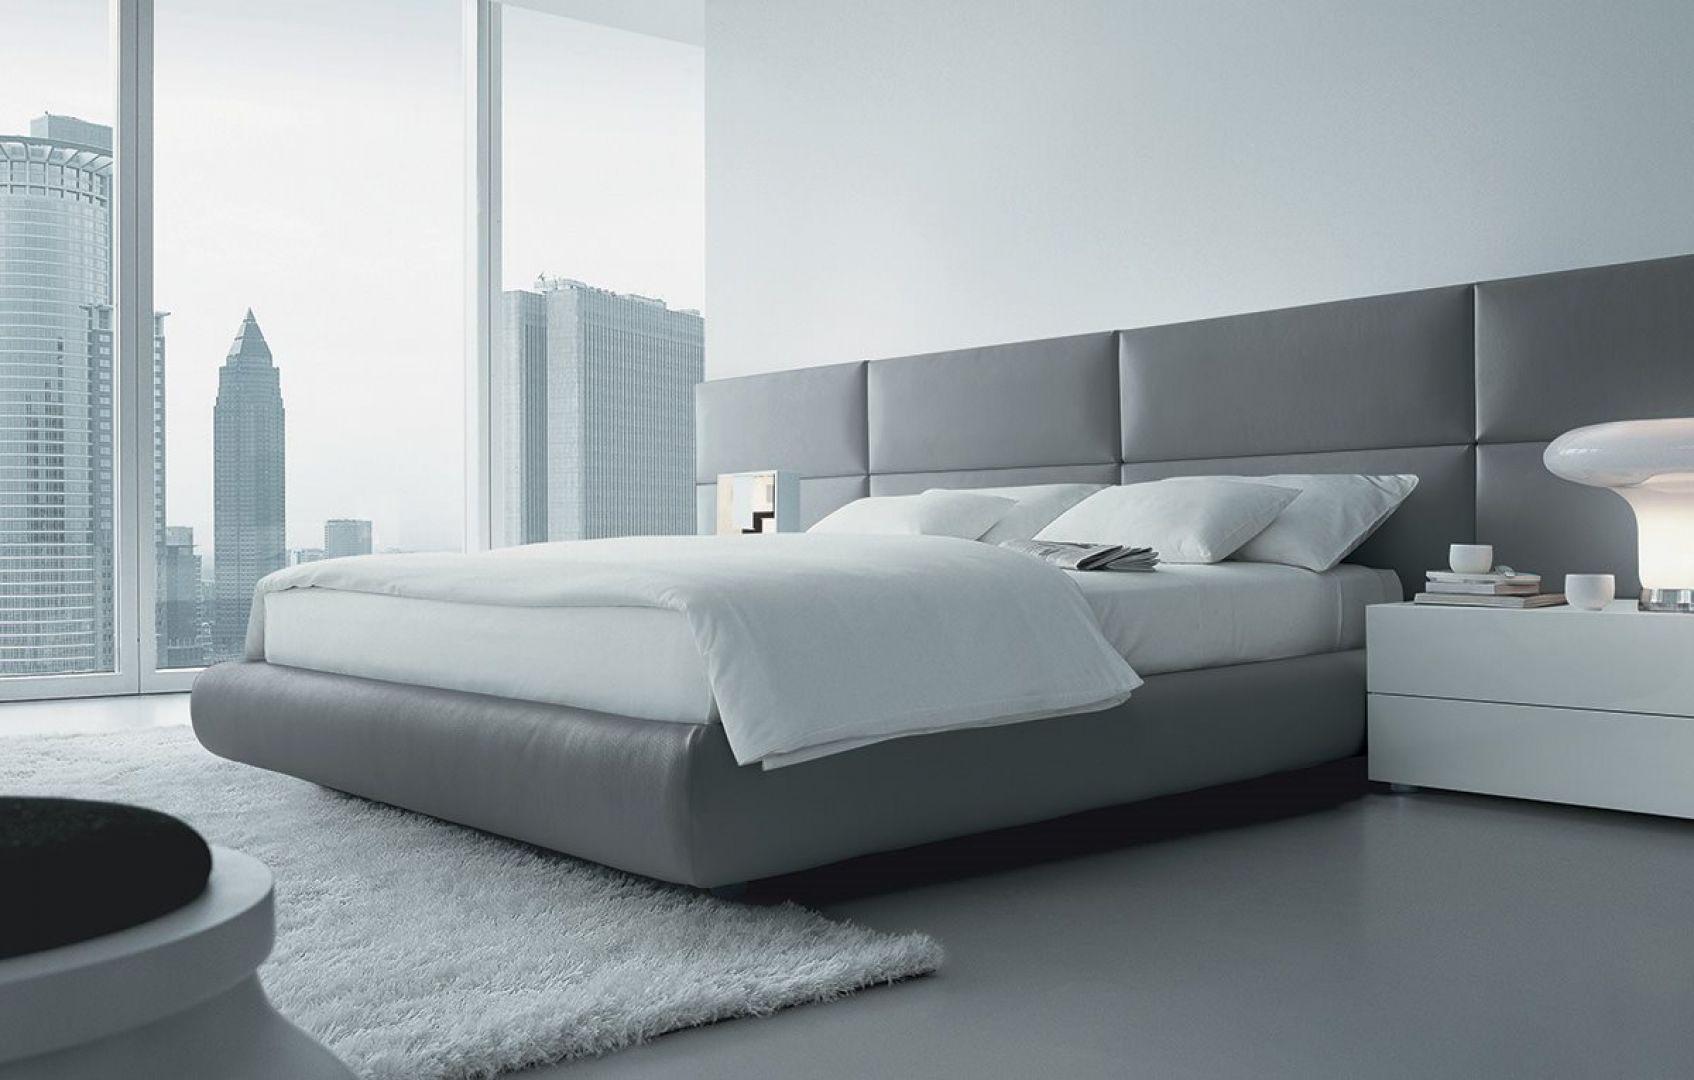 To łóżko zaprojektował Marcel Wanders dla marki Poliform. Fot. Studio Forma 96